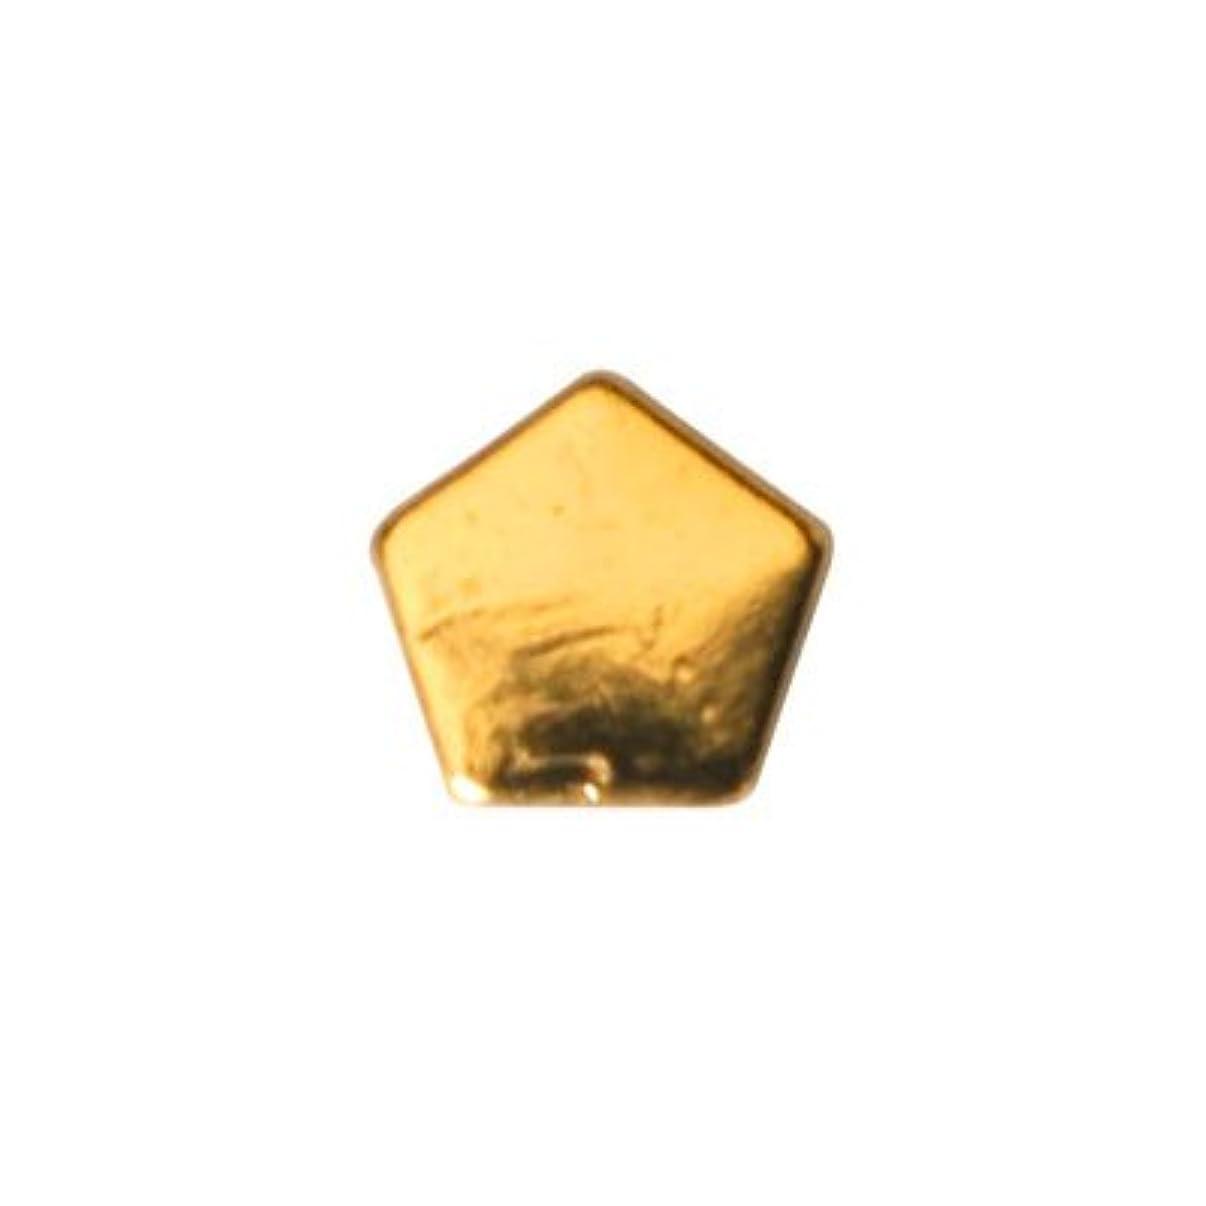 約設定ロシアキャンペーンピアドラ スタッズ ペンタゴン 3mm 50P ゴールド